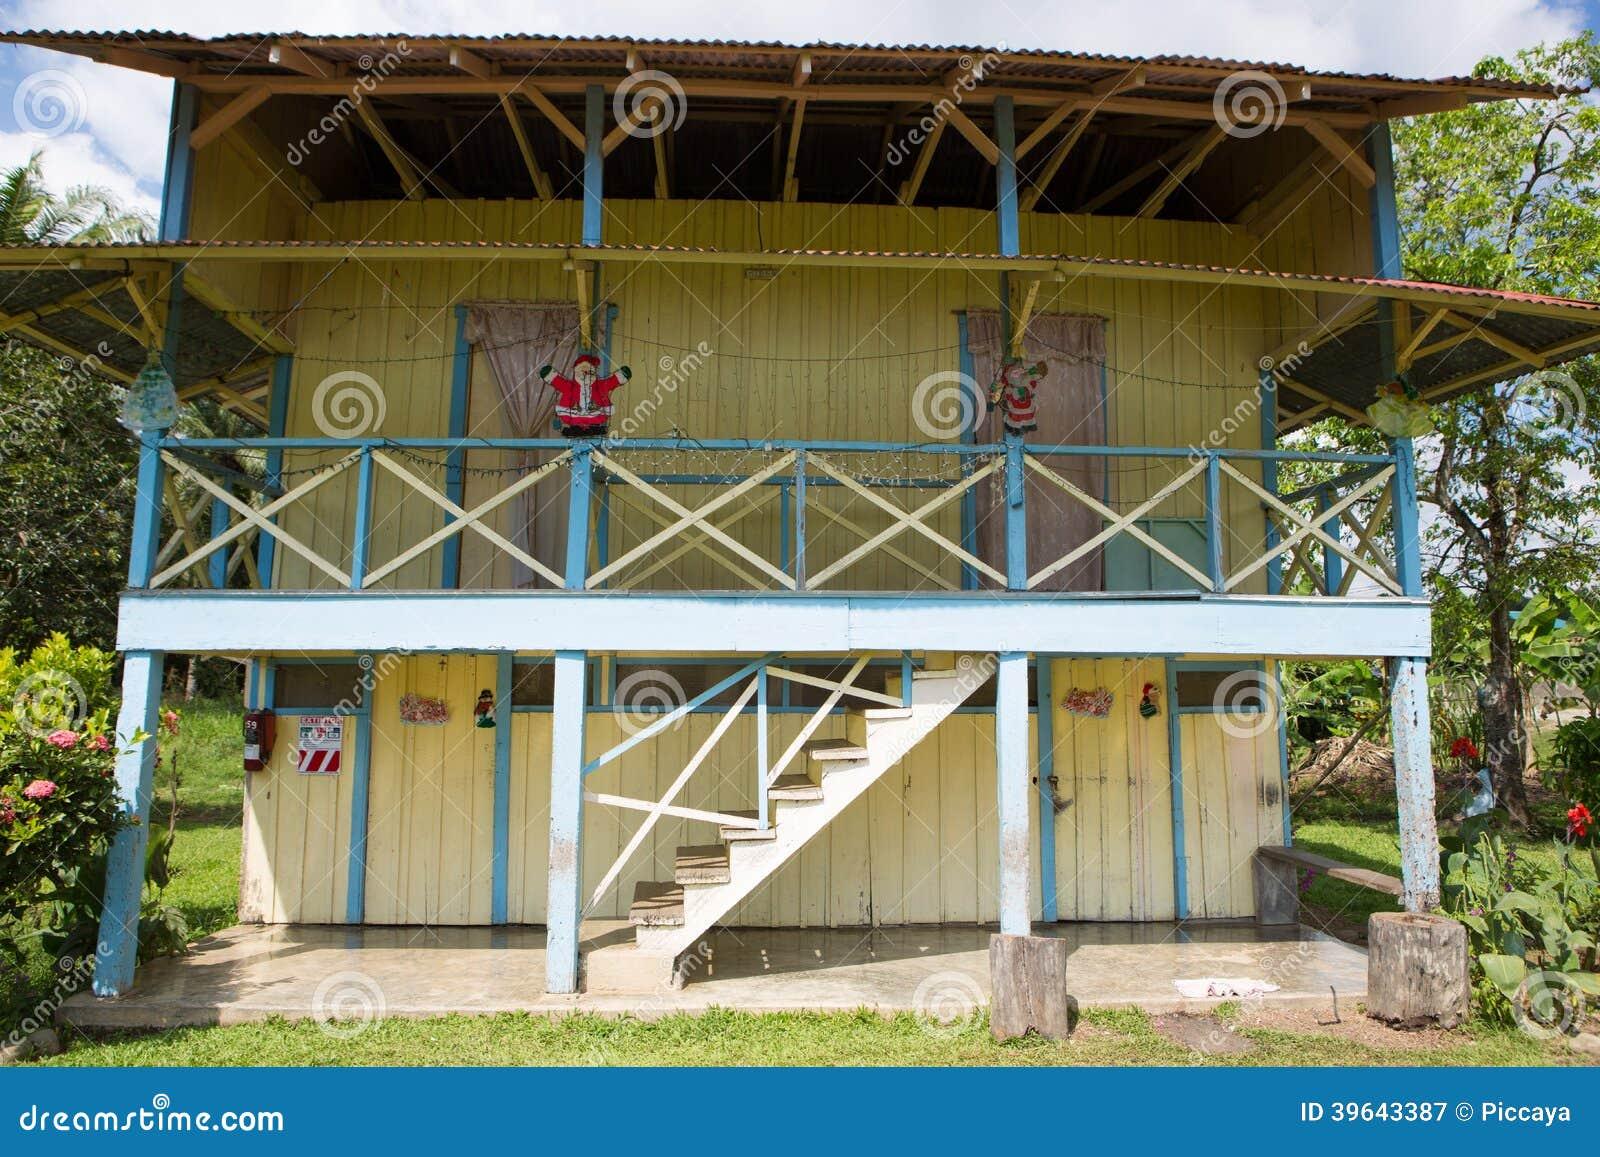 Casa tradicional del trabajador de la palma en costa rica - Cosa costa costruire una casa ...